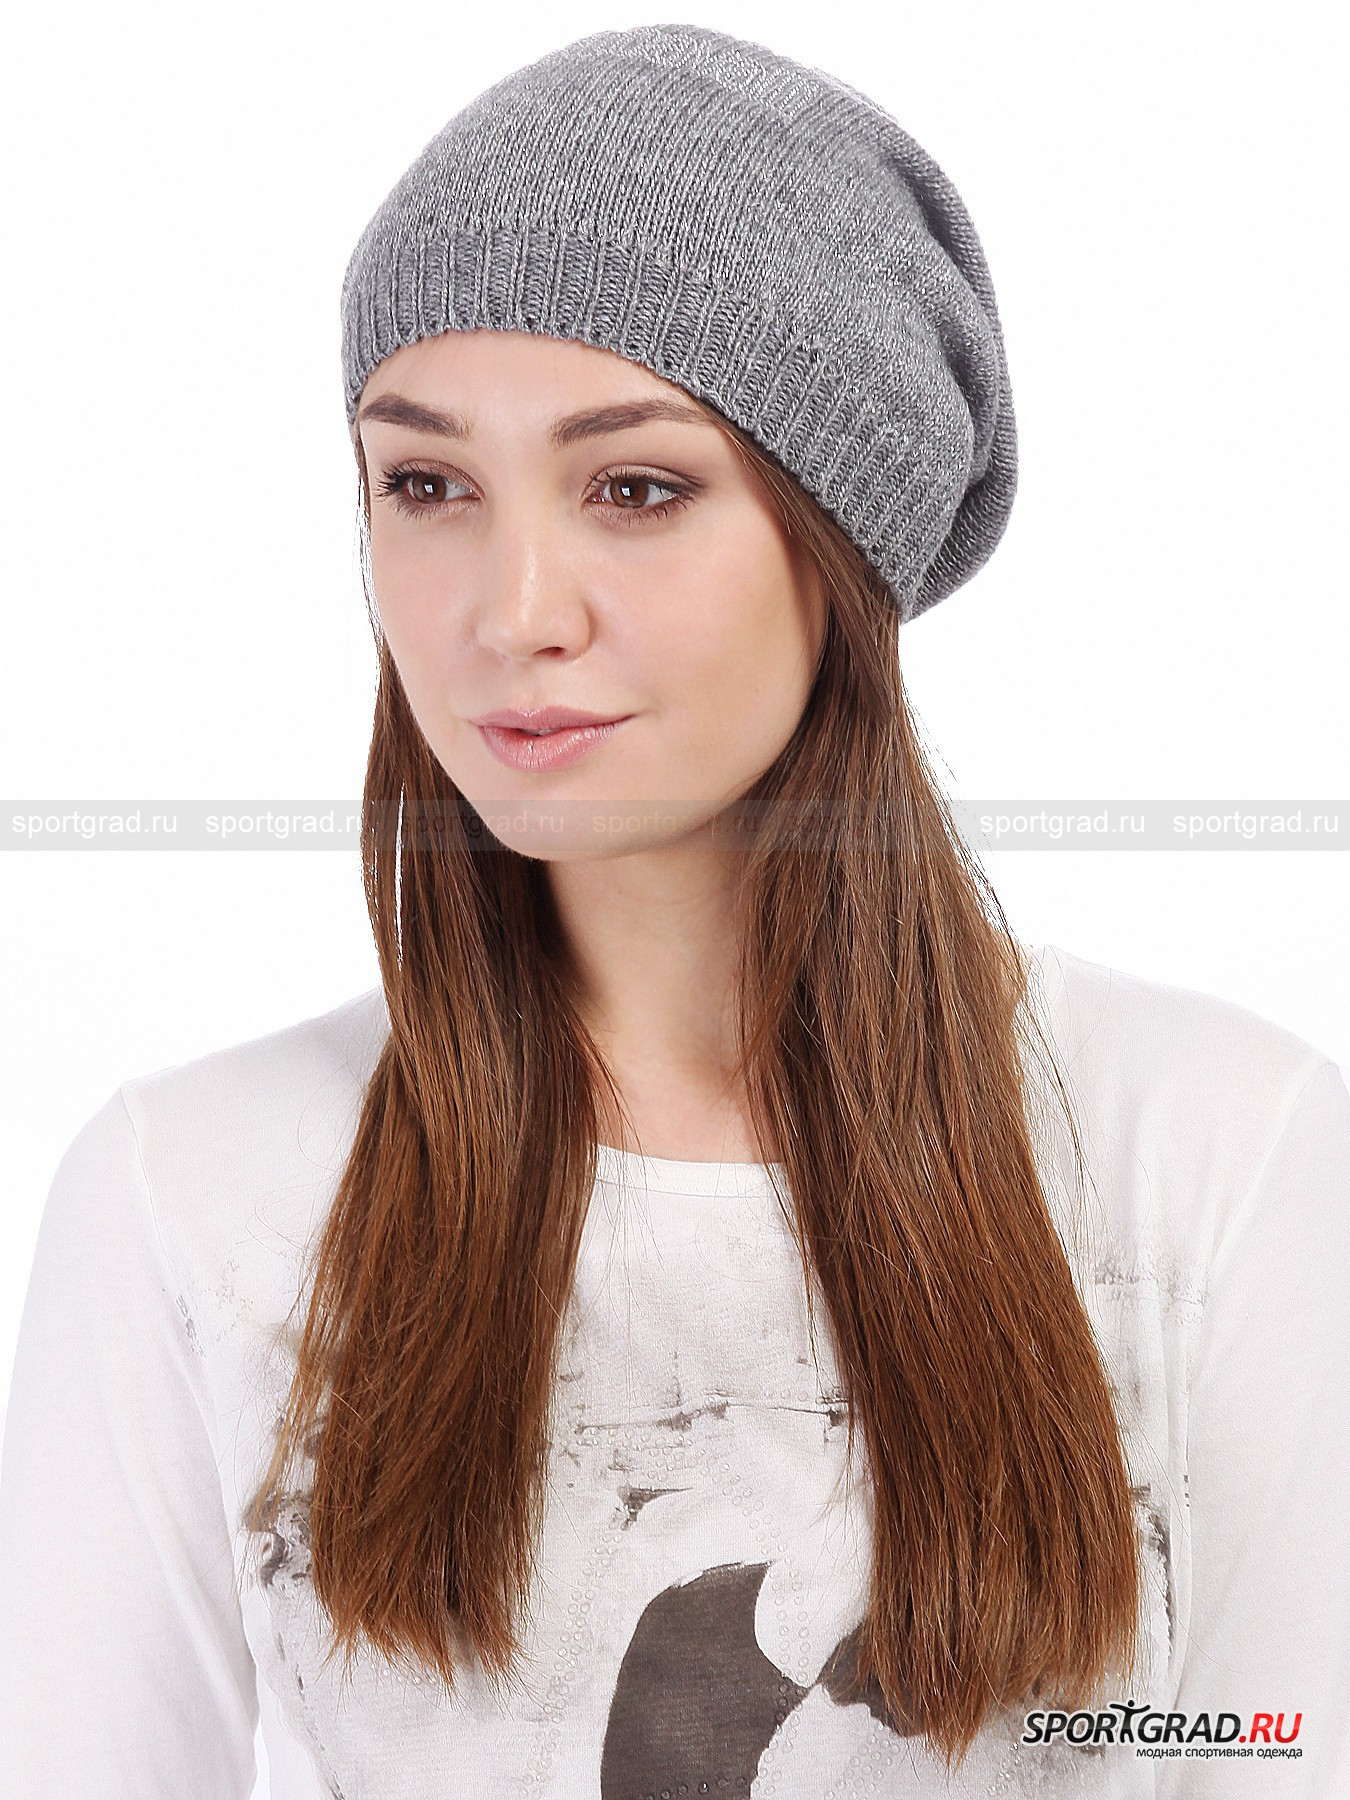 Шапка женская JUST CAVALLIГоловные Уборы<br>Симпатичная объемная шапочка Just Cavalli идеально подойдет девушкам, не любящим плотно облегающие голову аксессуары.  Эта вещь рассчитана скорее на межсезонье или небольшой минус, чем на настоящие морозы – материал довольно тонкий и очень легкий. Шапка отлично сидит и стильно выглядит благодаря неоднородному благородному серому цвету. Нижняя часть модели  декорирована люрексными серебристыми нитями, также спереди расположилась выложенная стразами надпись Just Cavalli.<br><br>Пол: Женский<br>Возраст: Взрослый<br>Тип: Головные Уборы<br>Рекомендации по уходу: ручная стирка; нельзя гладить, отбеливать, сушить в стиральной машине, подвергать химической чистке<br>Состав: 32% шерсть, 32% вискоза, 24% нейлон, 10% кашемир, 2% полиэстер